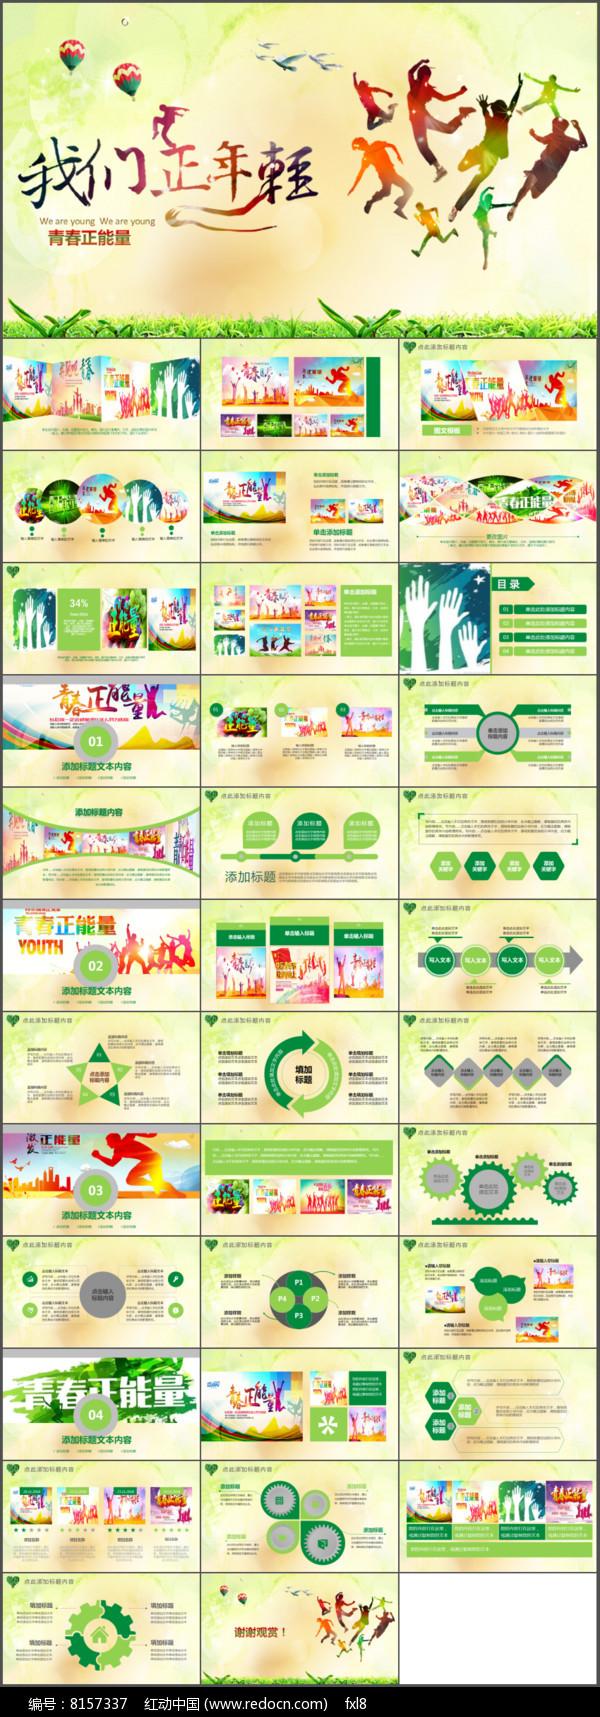 五四青年节青春正能量励志动态PPT模板图片